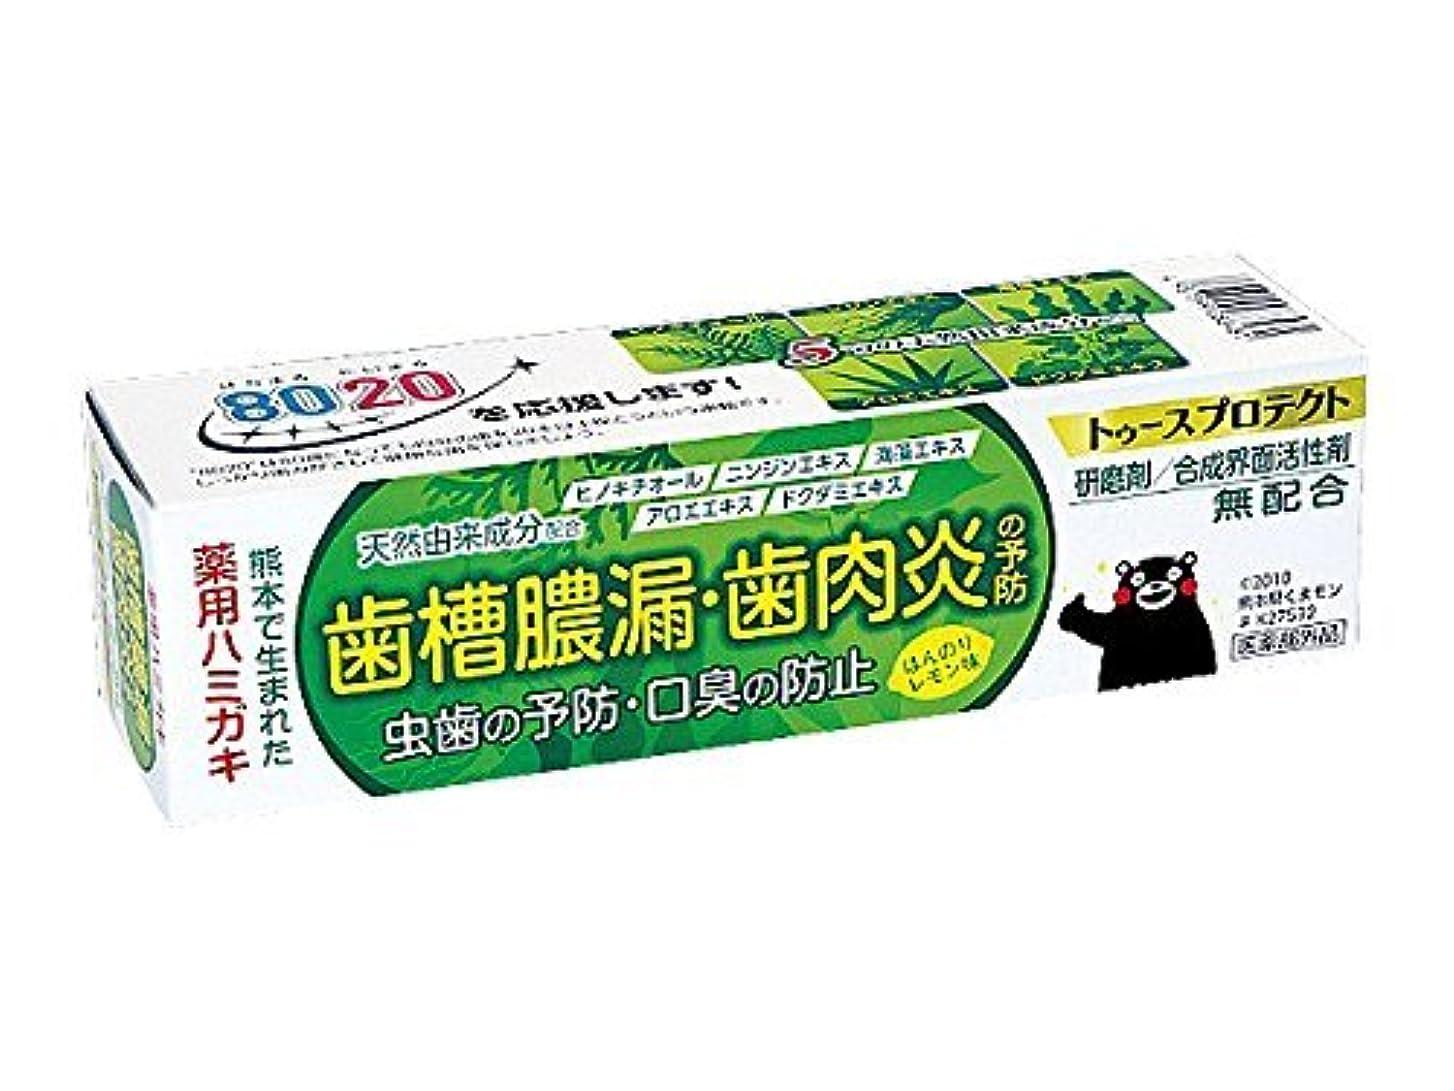 シネマもつれ釈義【3個セット】トゥースプロテクト100g [医薬部外品]